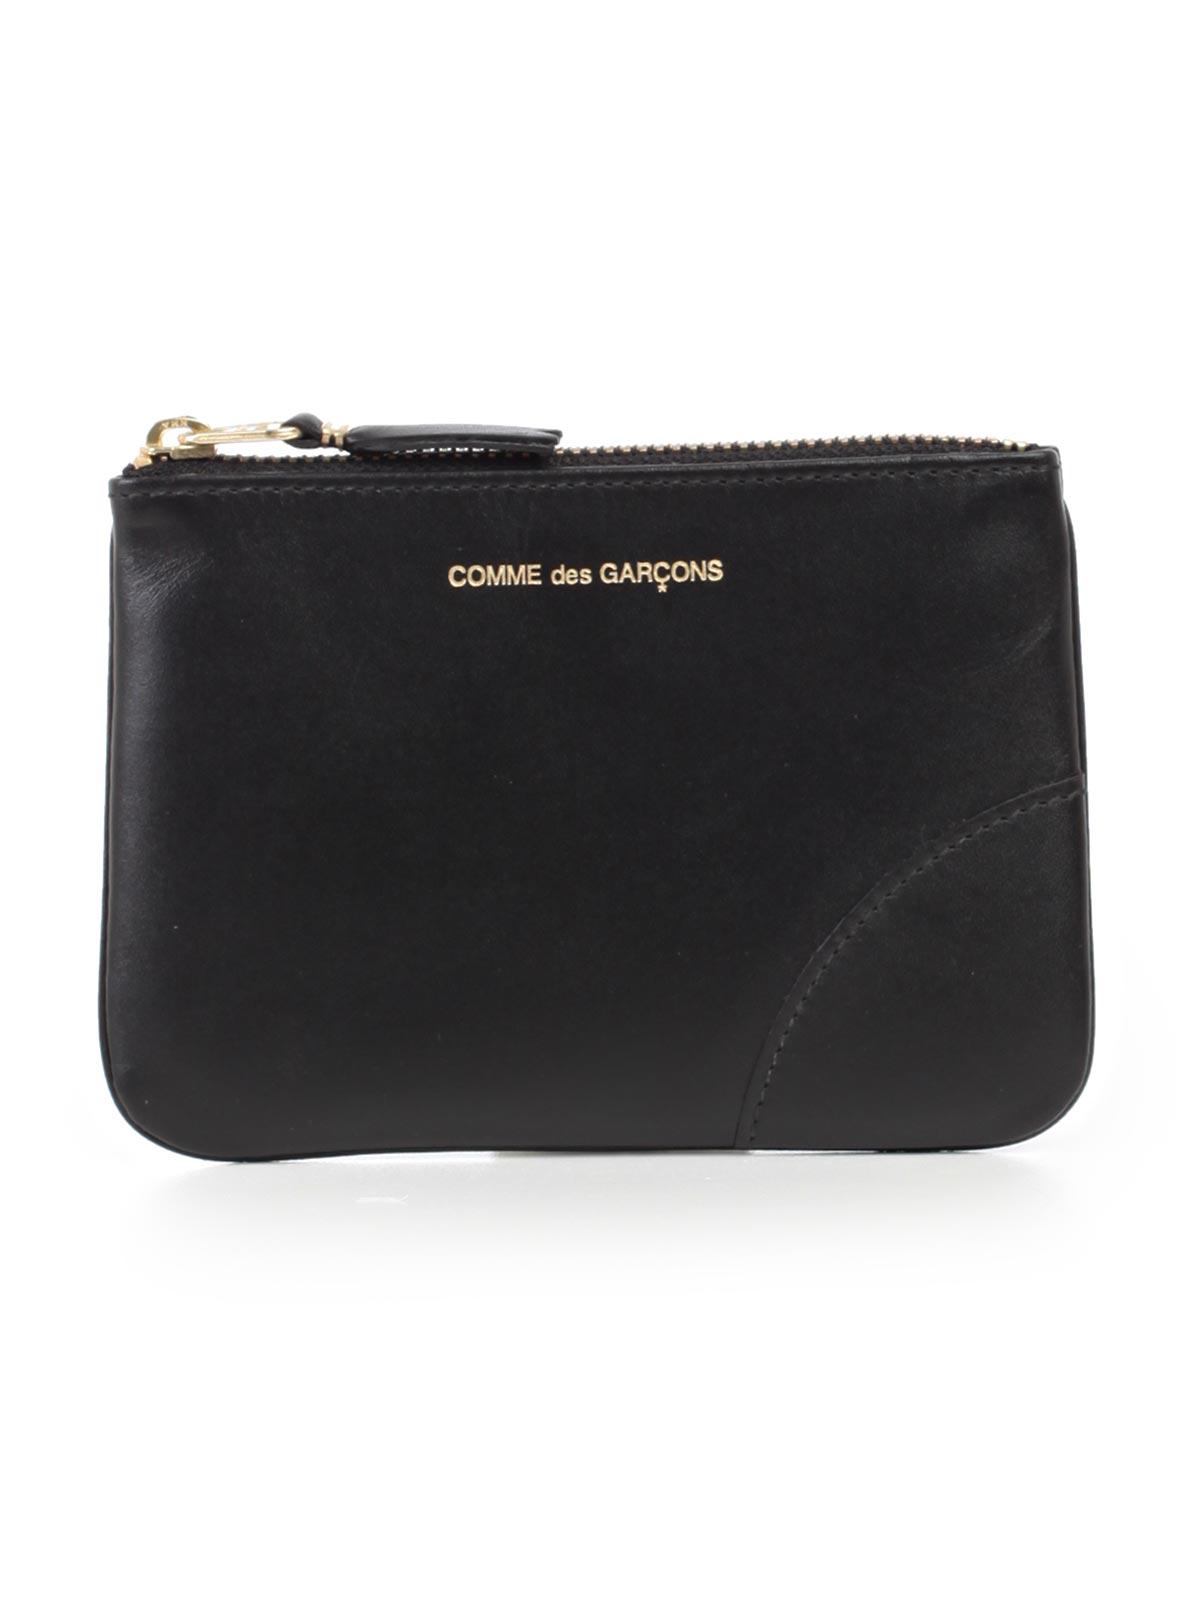 Commes Des Garcon Wallets | Comme De Garcons Wallet | Comme Des Garcons Embossed Wallet